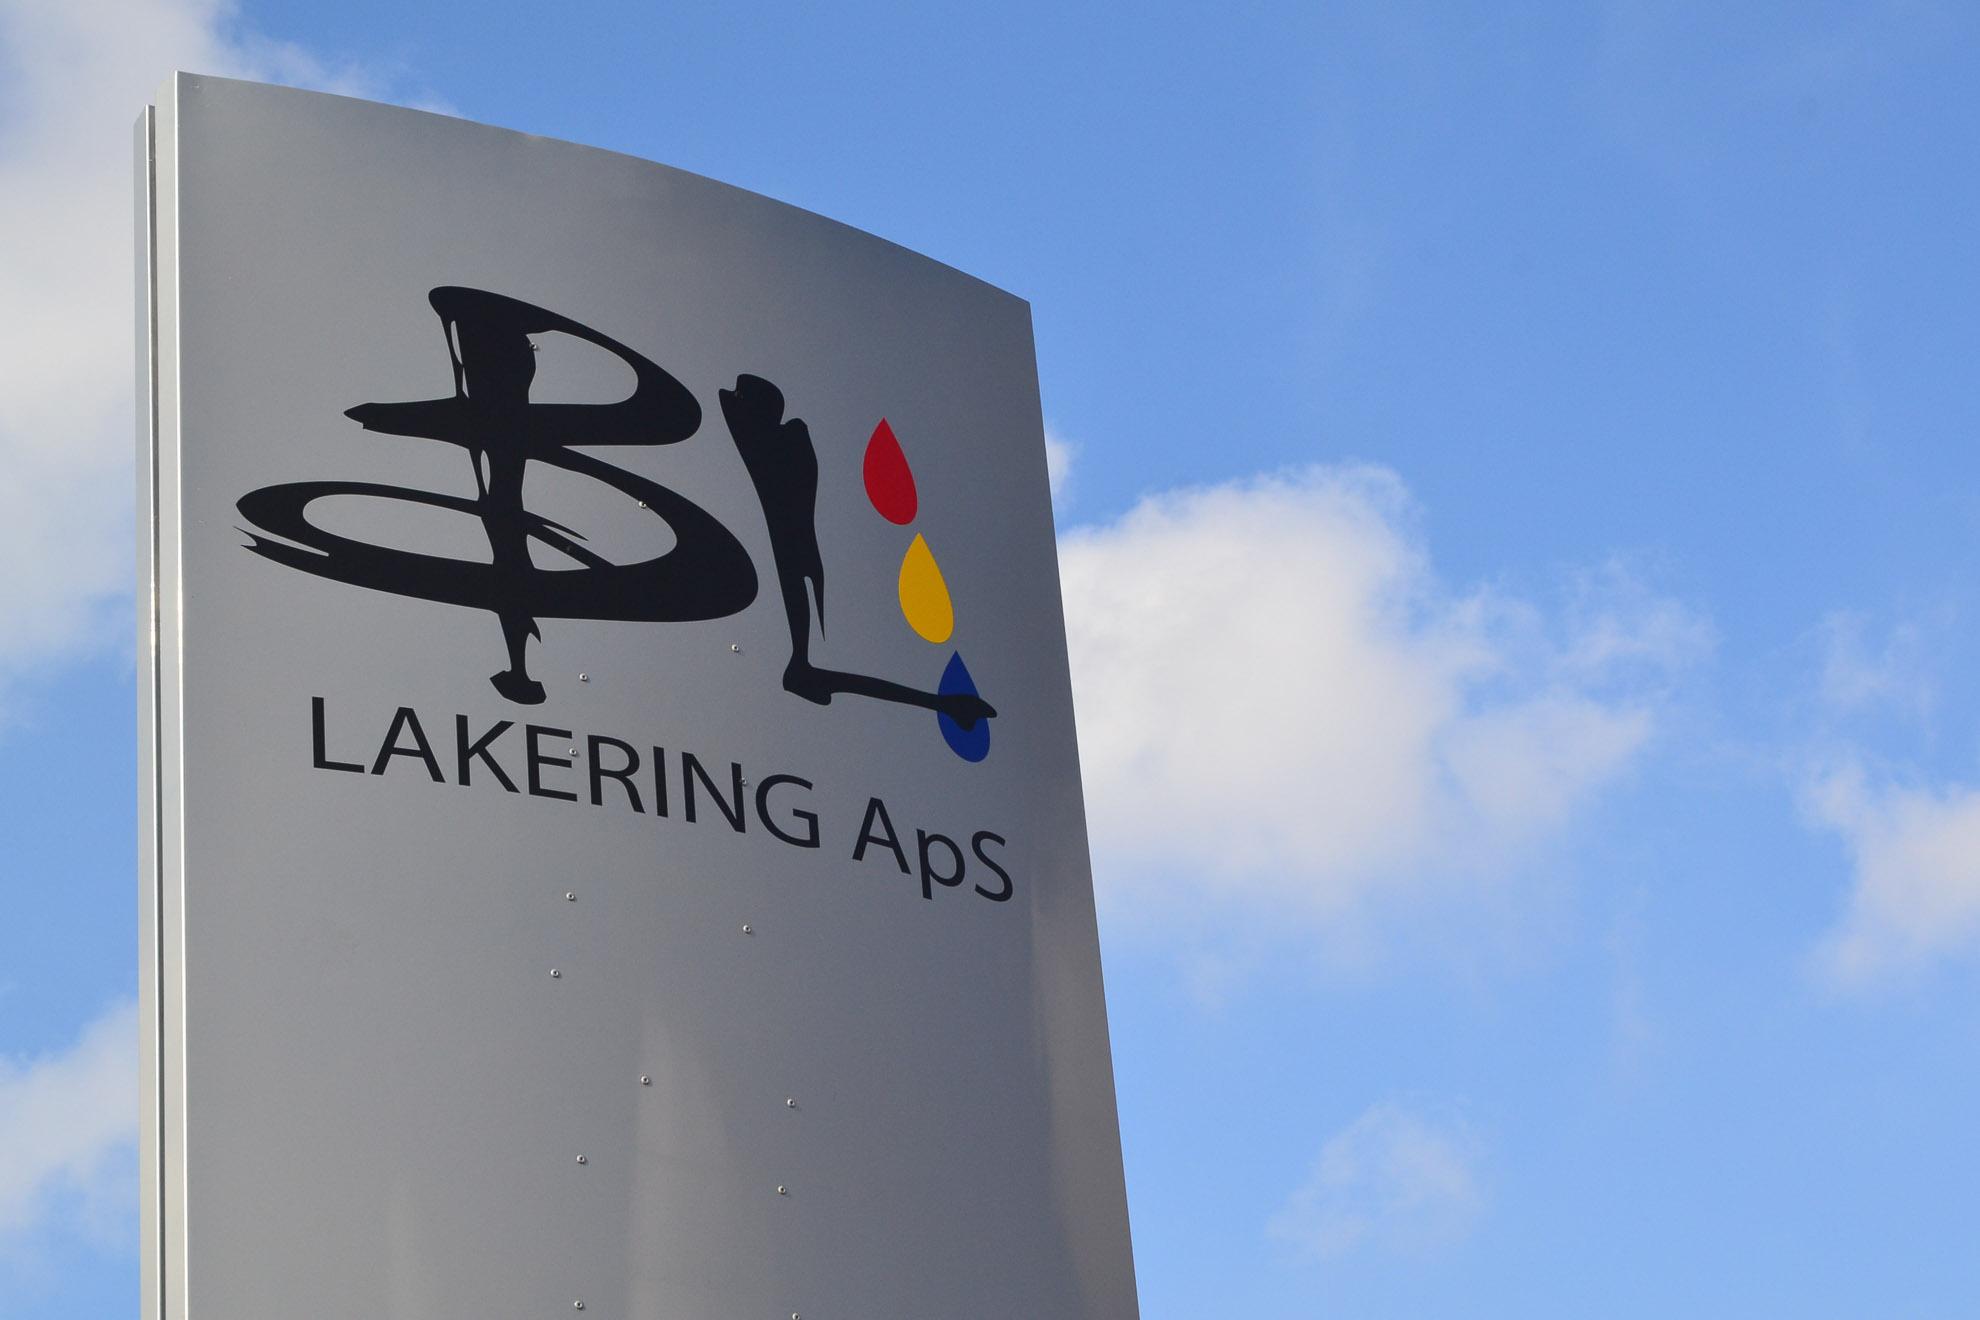 BL Lakering